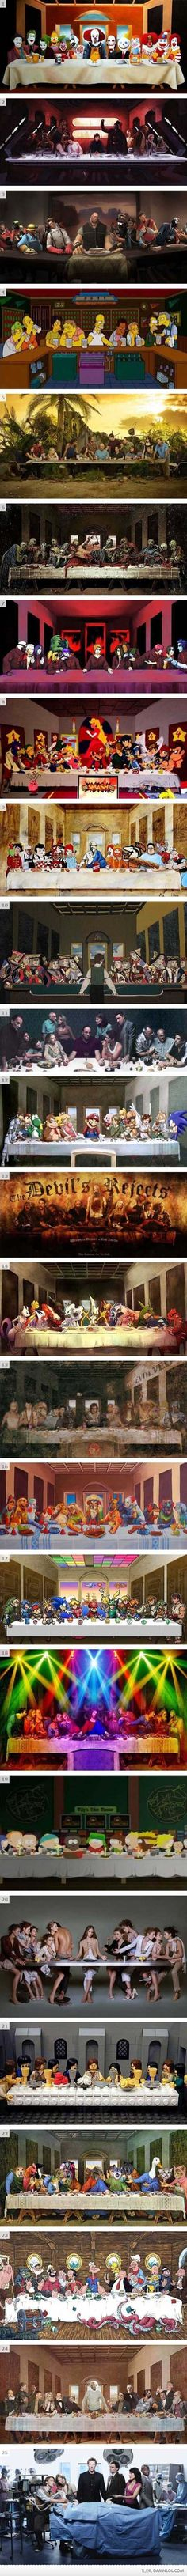 """""""La Cène """" or """"The Last Supper"""" by Léonard de Vinci (parody)"""